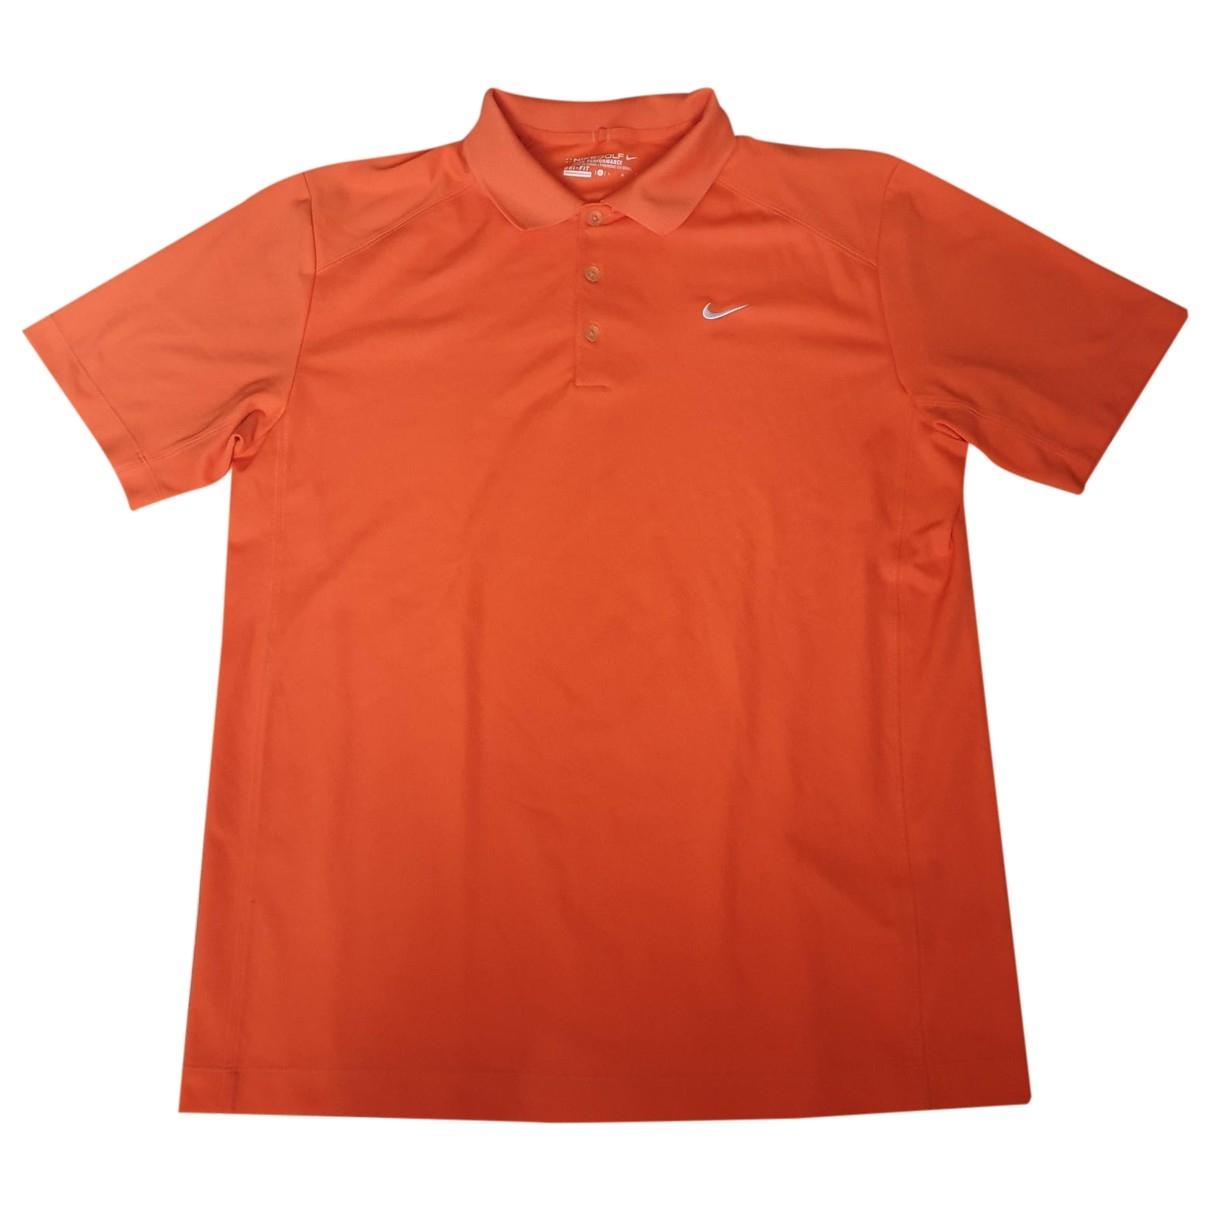 Nike - Polos   pour homme - orange